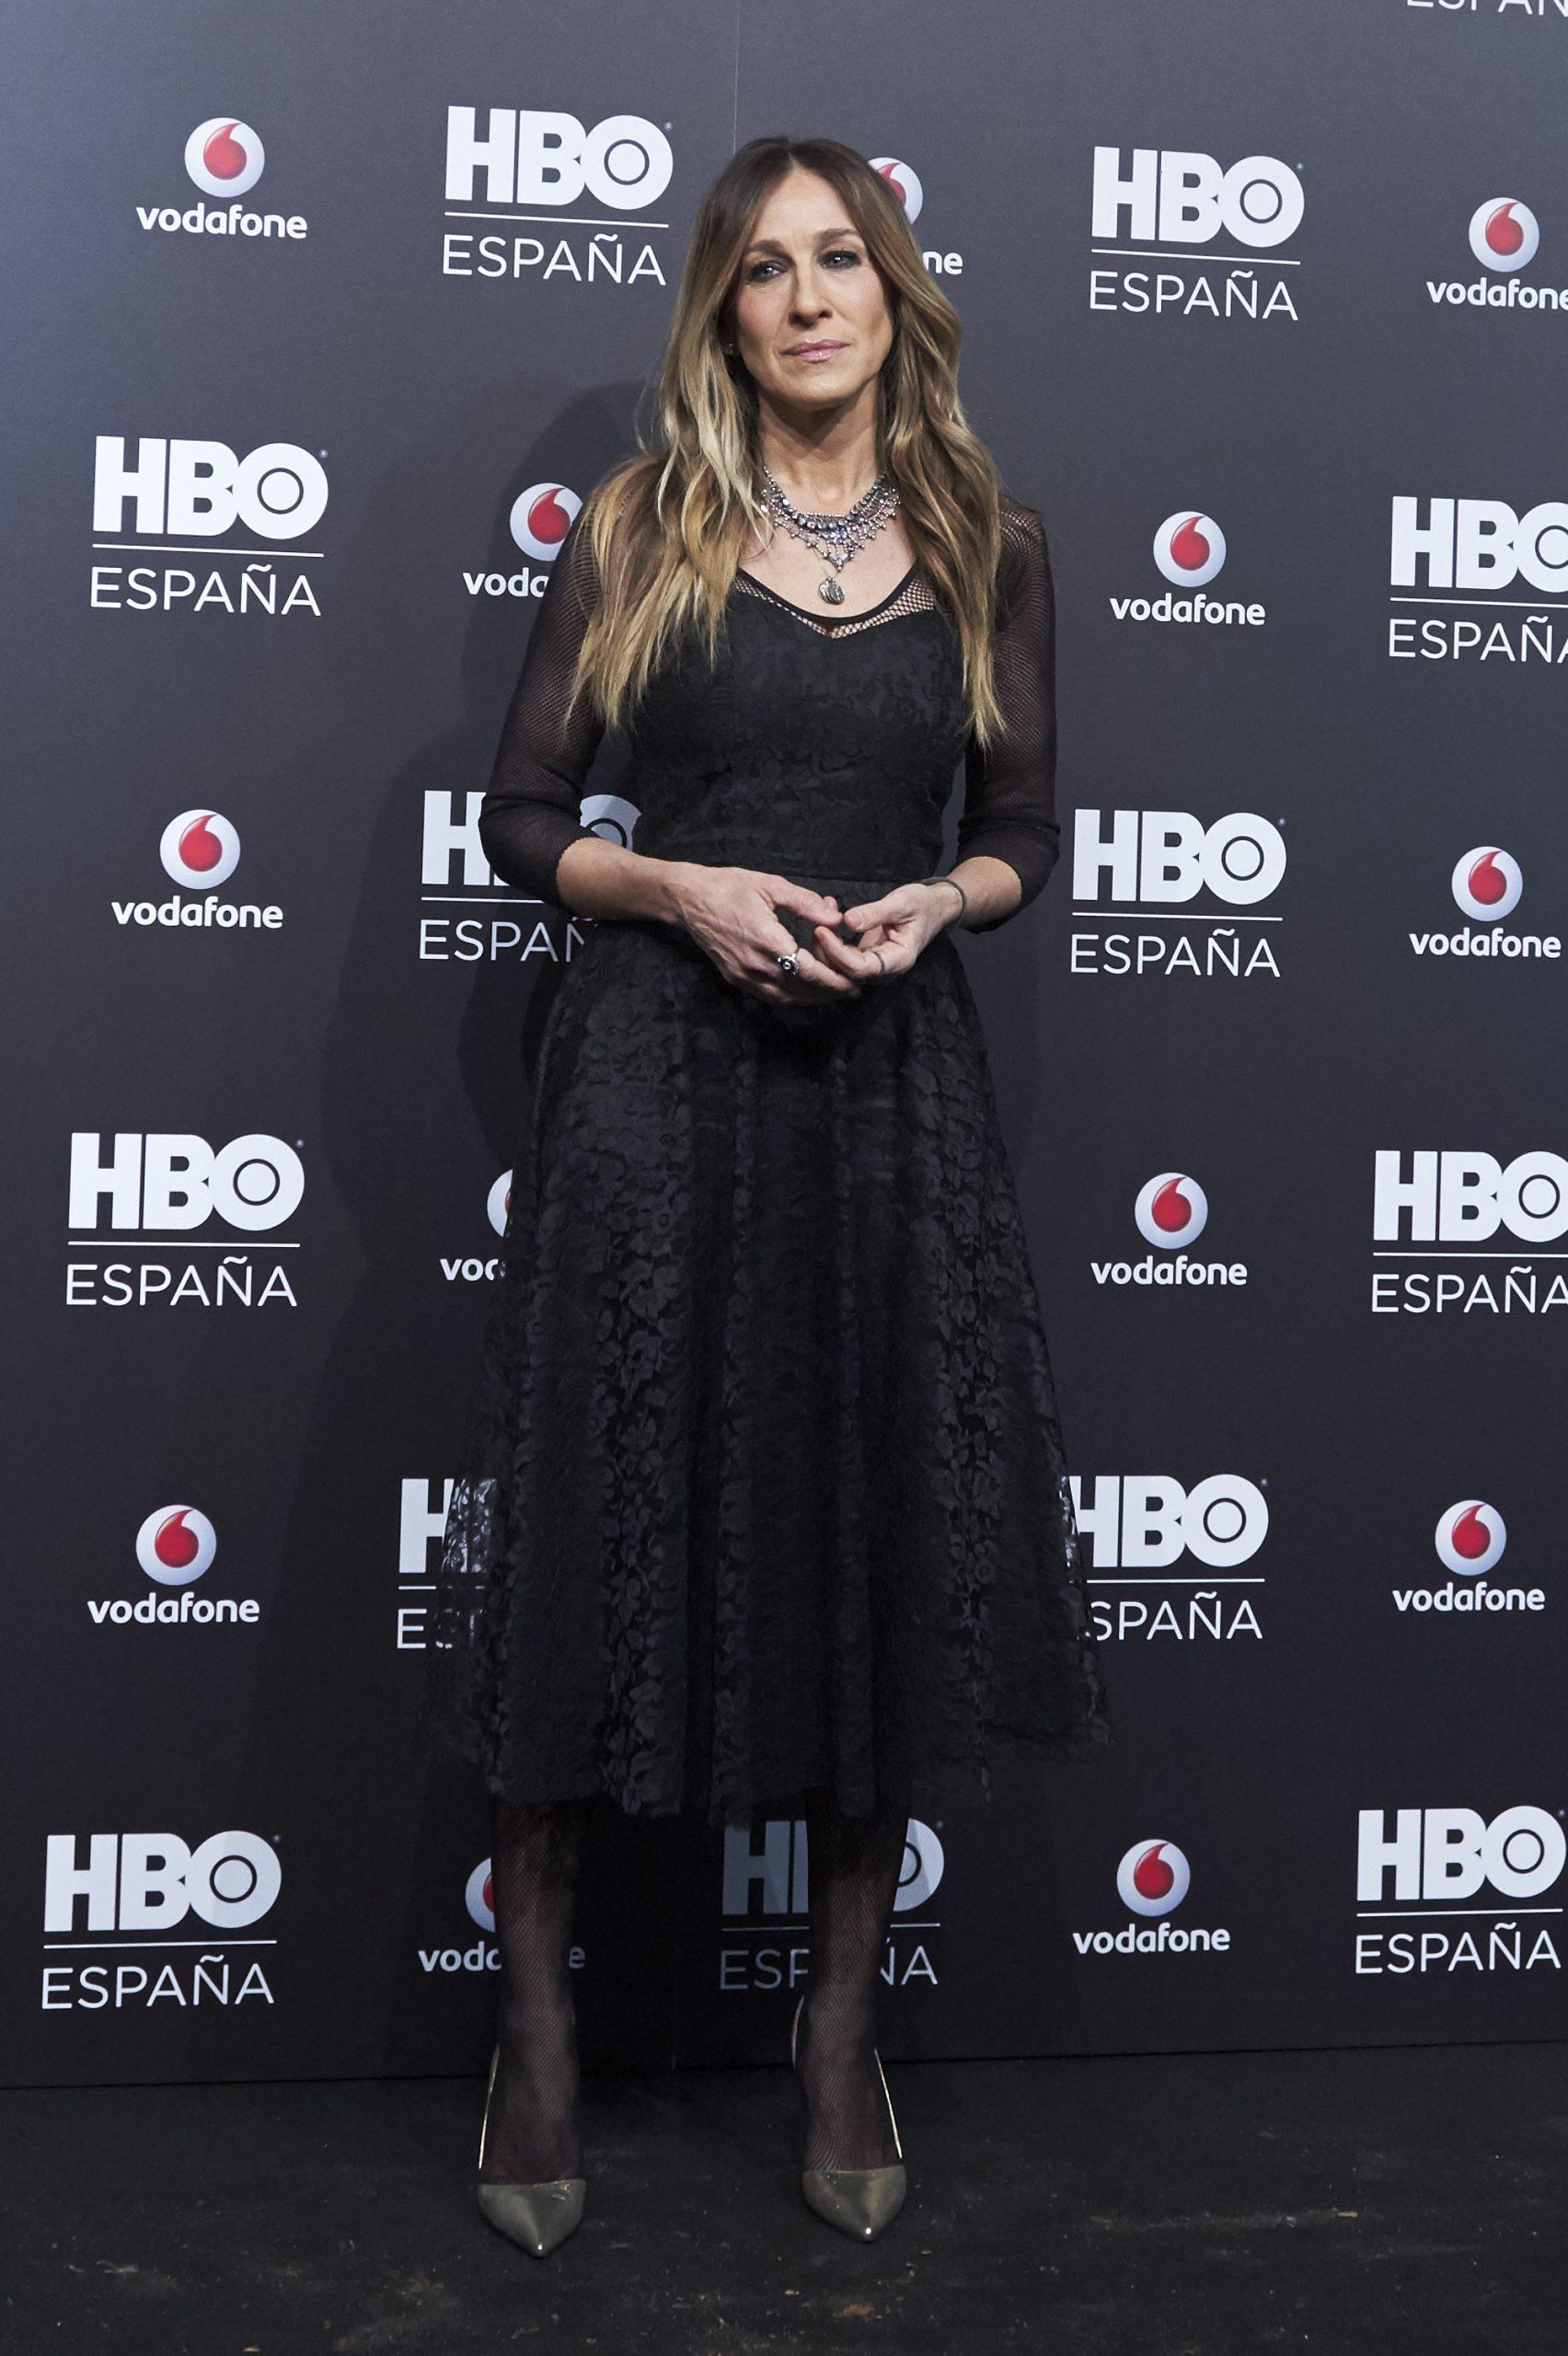 Sarah Jessica en una premiere de HBO en Madrid/Foto: Getty